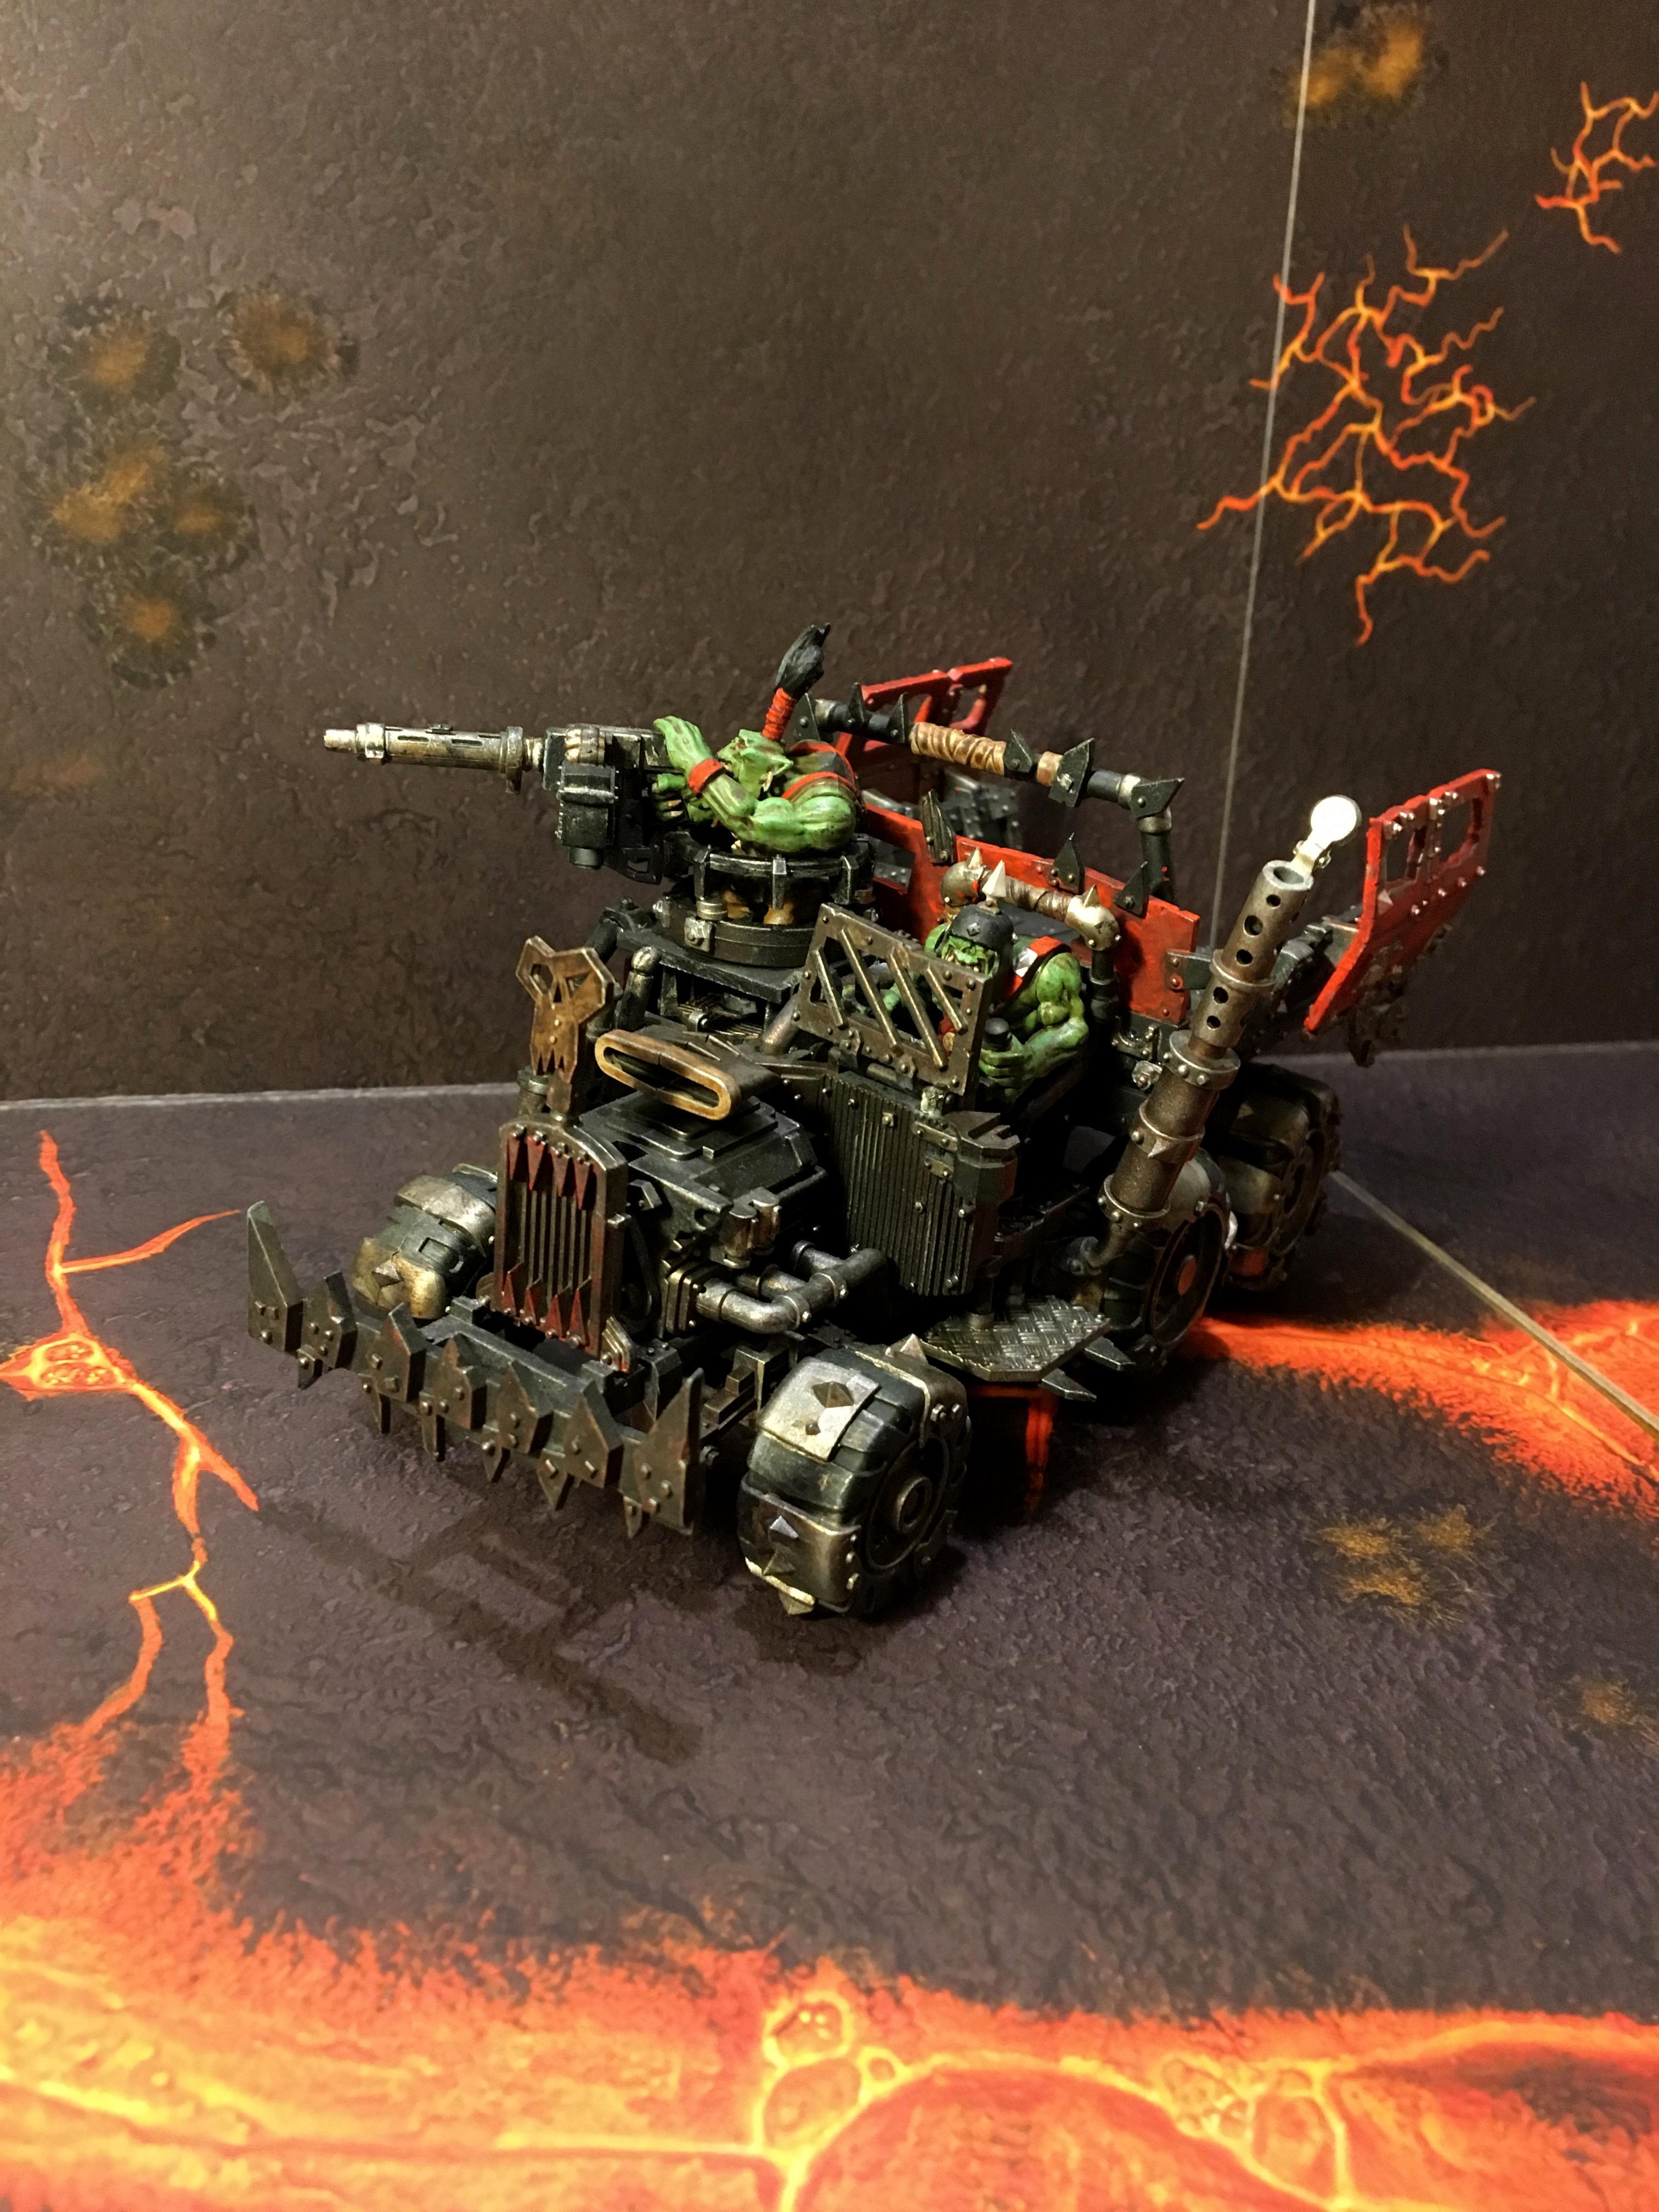 40k Ork Trukk, Blood Axe Trukk, Games Workshop Trukk, Gw Trukk, Ork Trukk, Red Makes It Go Fasta, Warhammer 40k Ork Trukk, Warhammer Ork Trukk